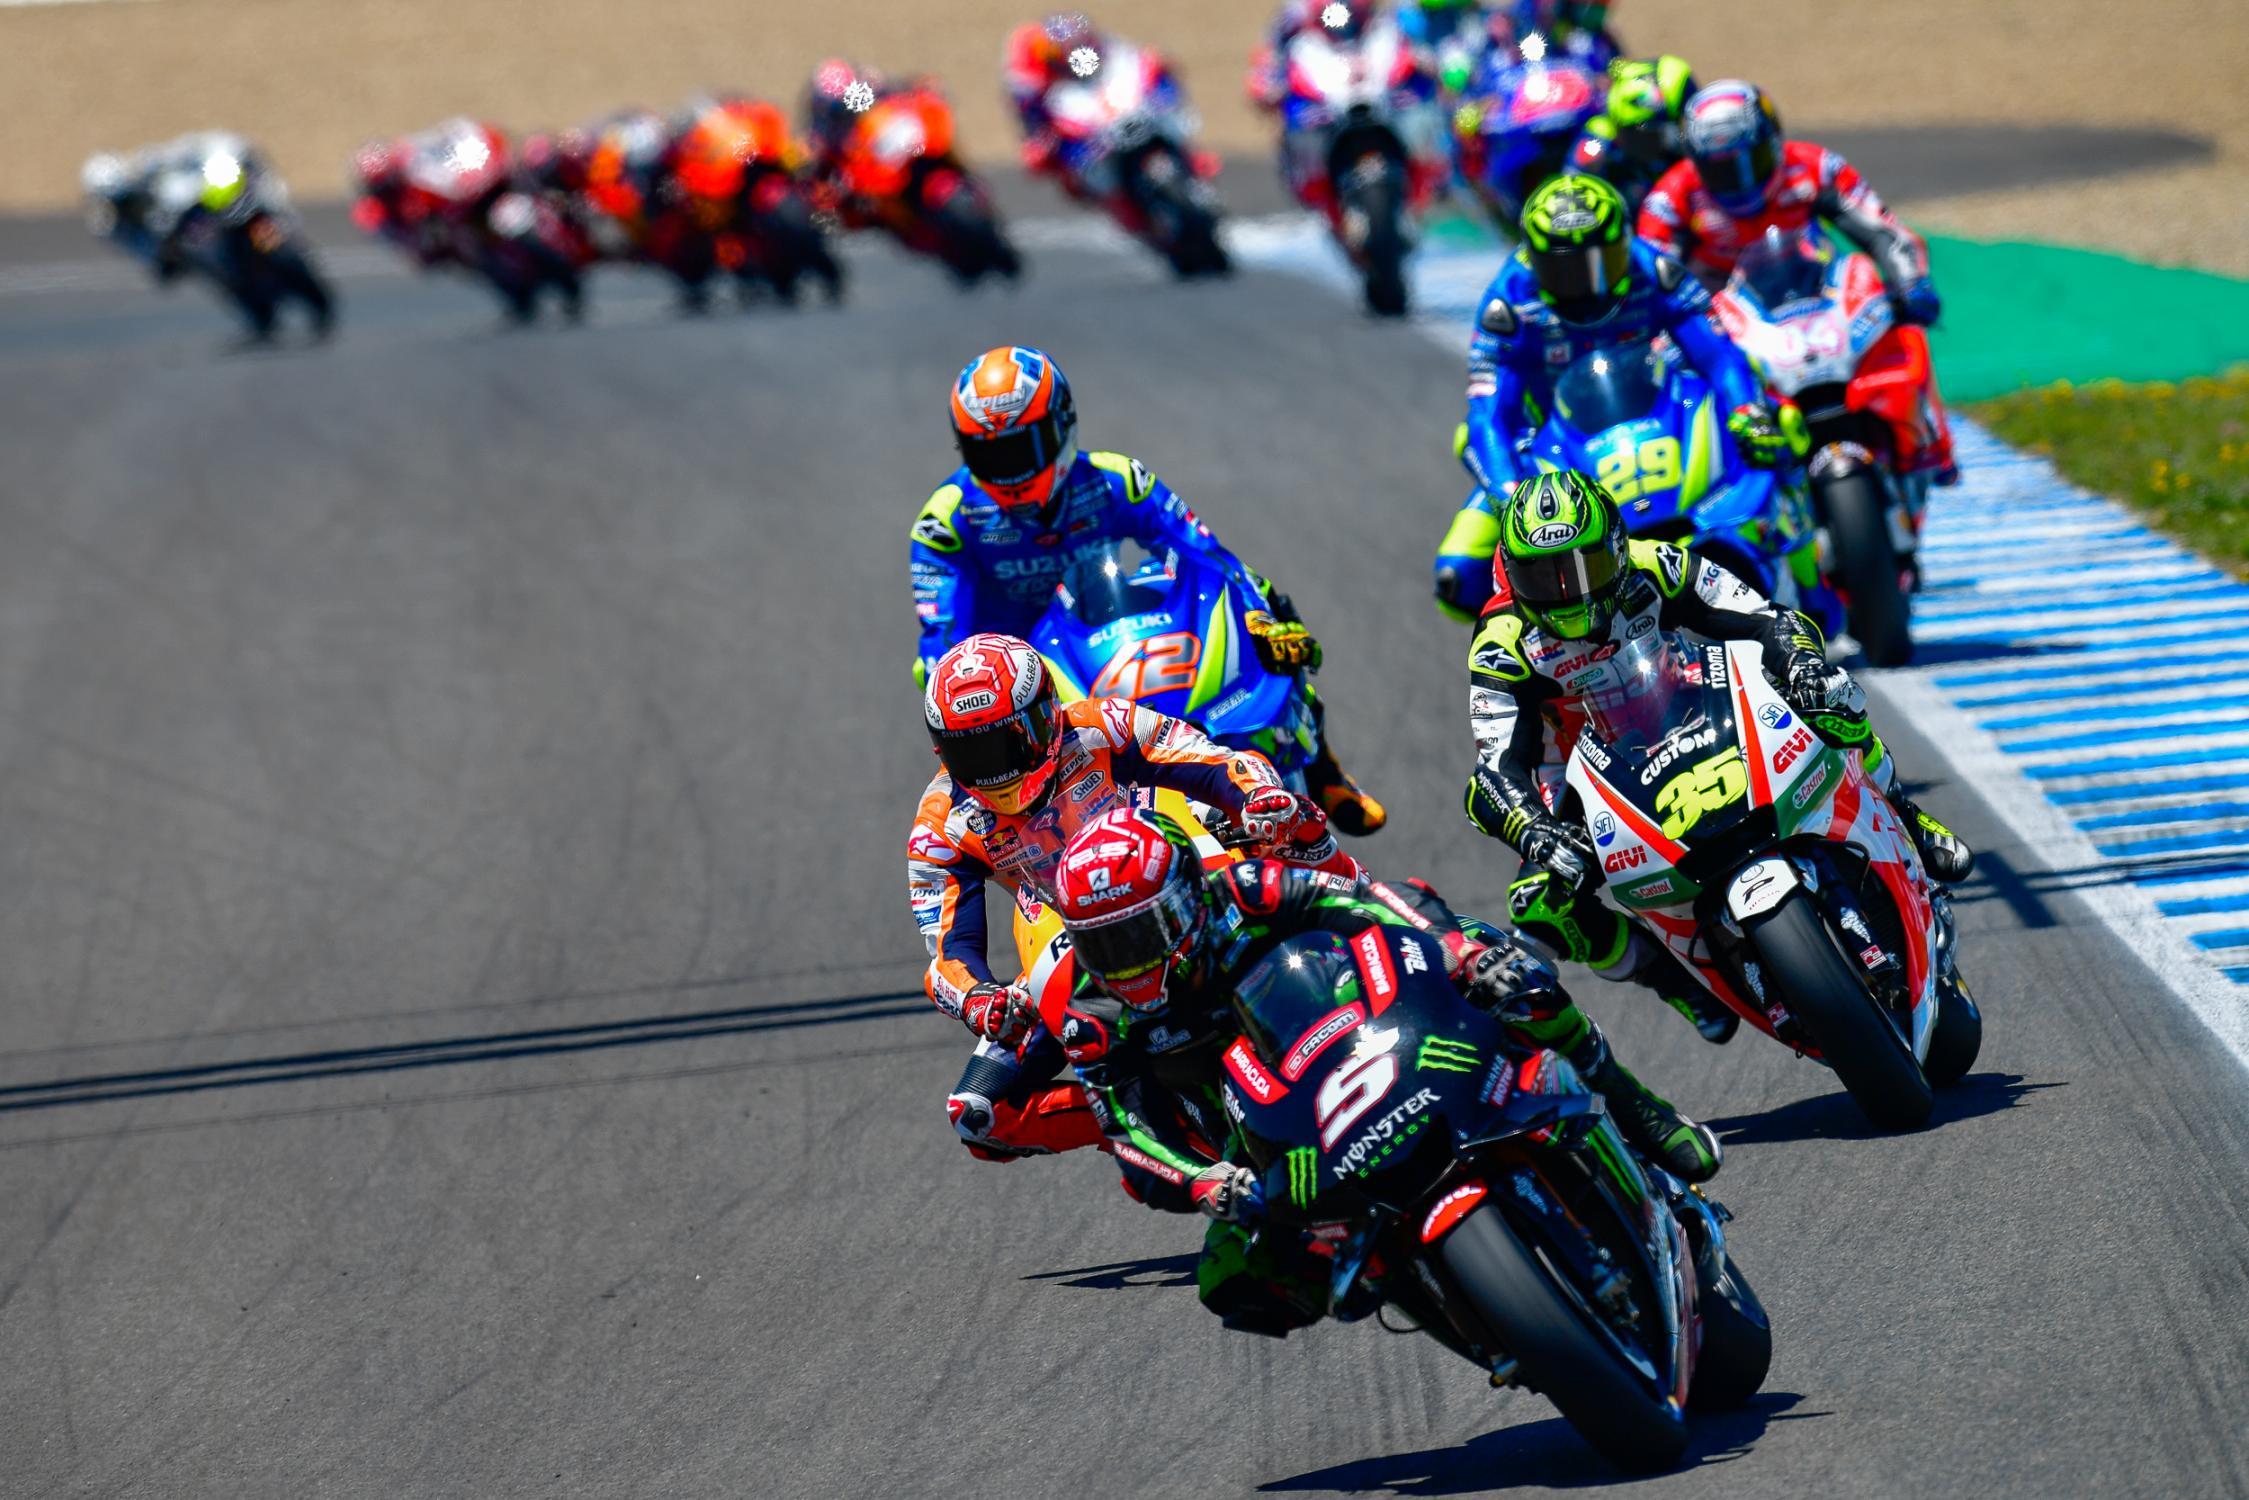 motogp6 MotoGP 2018, la jumatatea sezonului: Rezultate, clasament si program